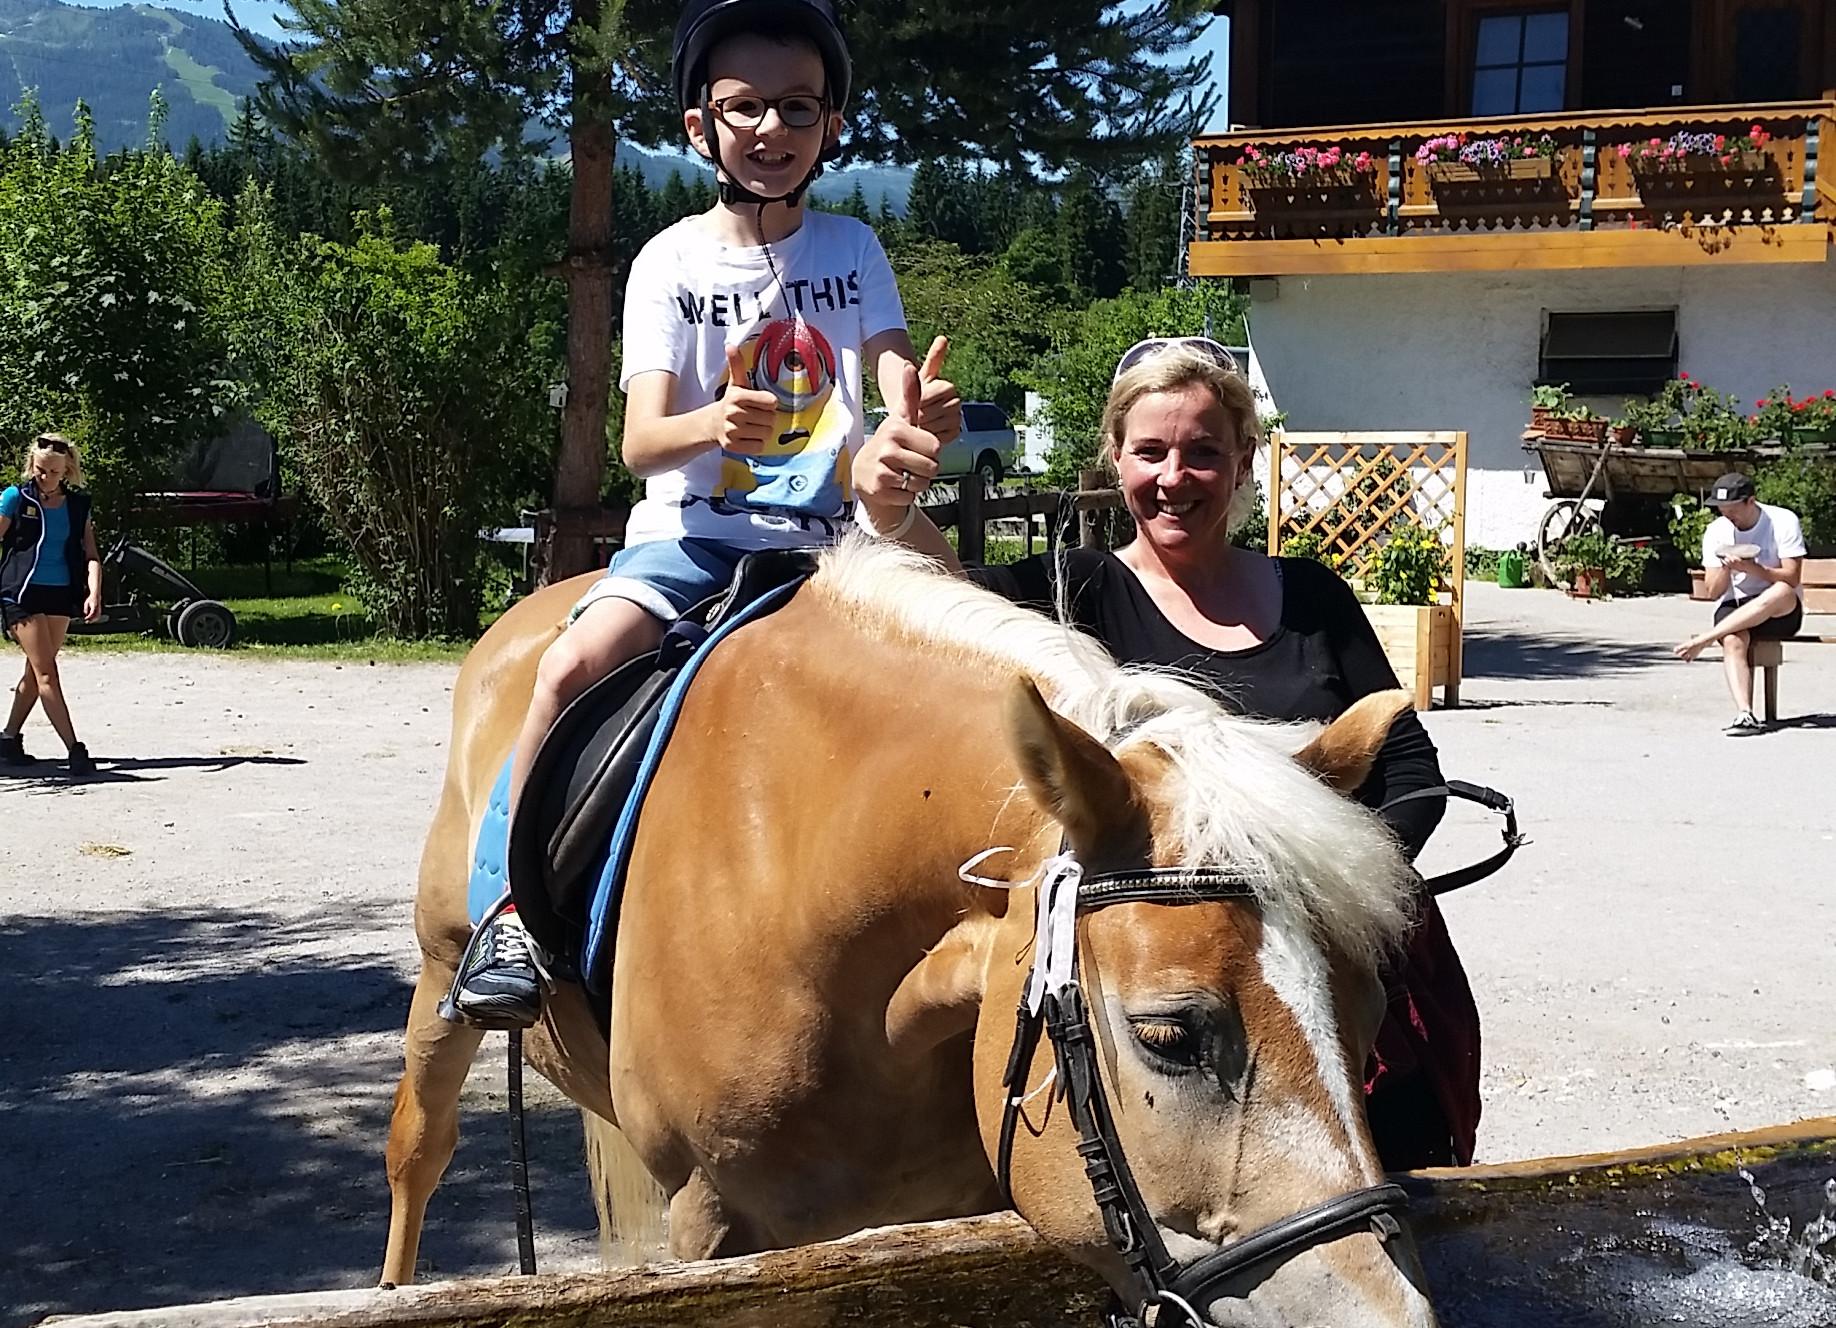 Reiten mit Behinderung beim barrierefreien Familien-Abenteuer-Urlaub